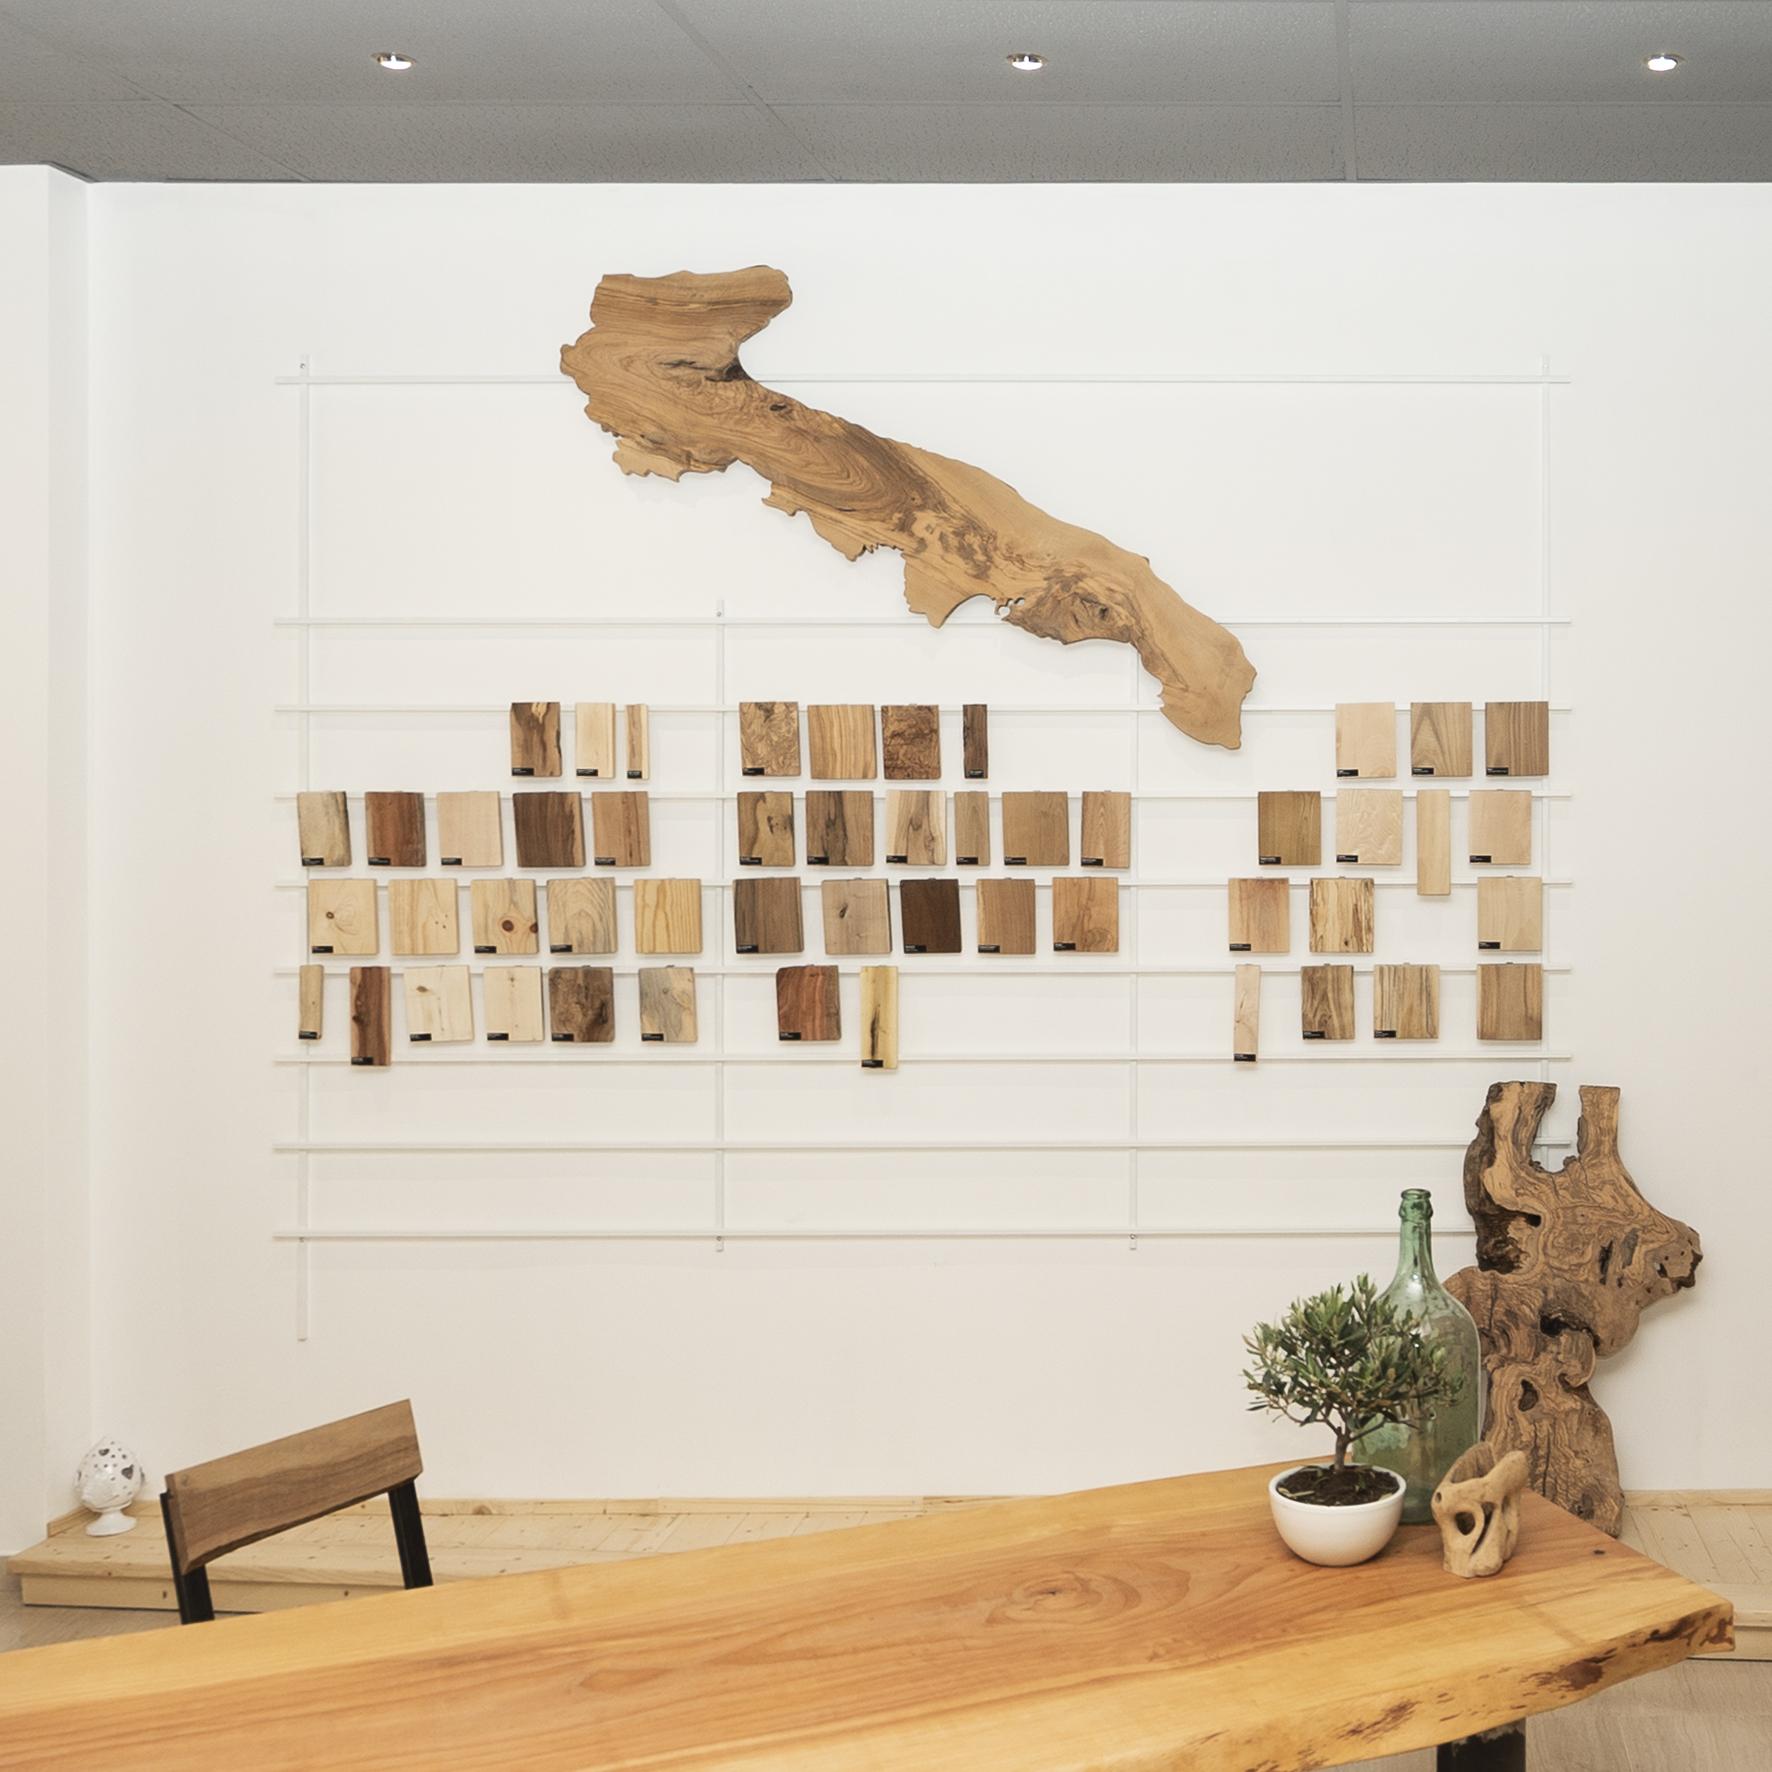 legno-di-puglia-furniture-makers-bitetto-bari-thumbnail